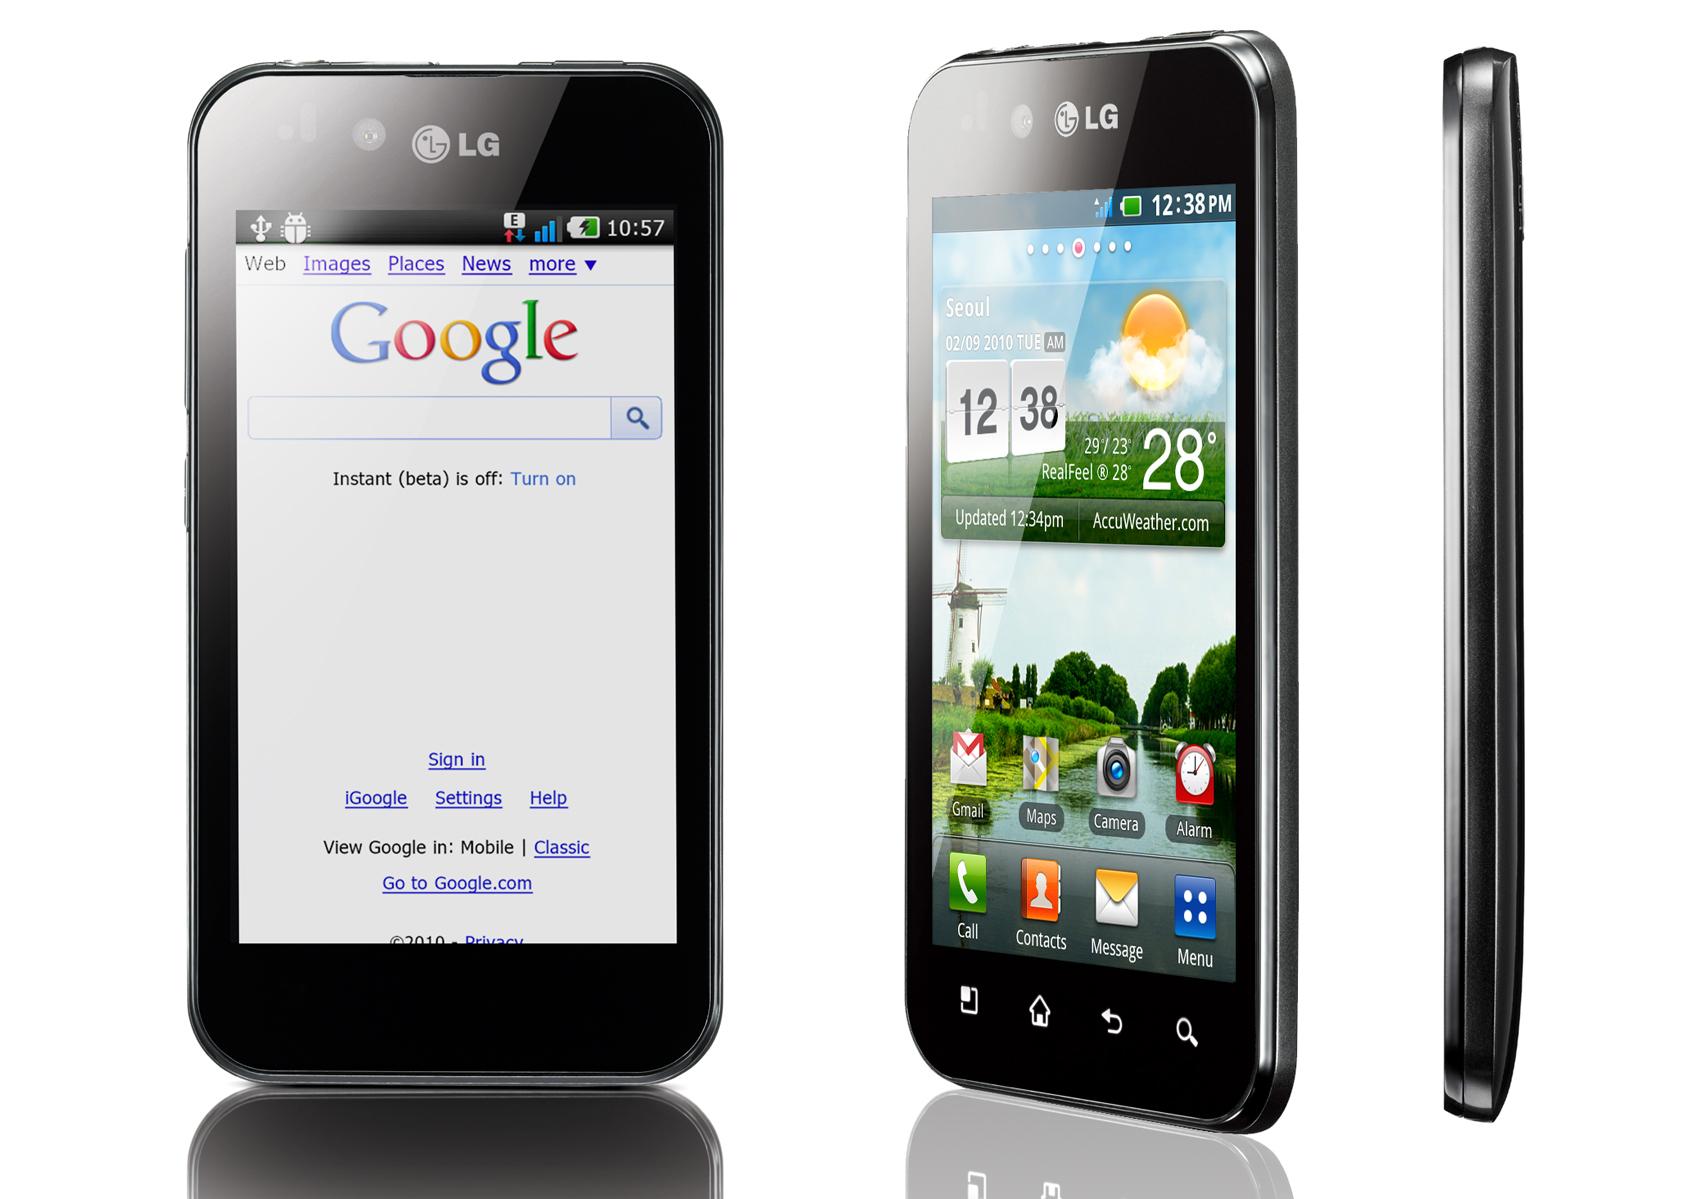 Test du LG Optimus Black (P970) sous Android